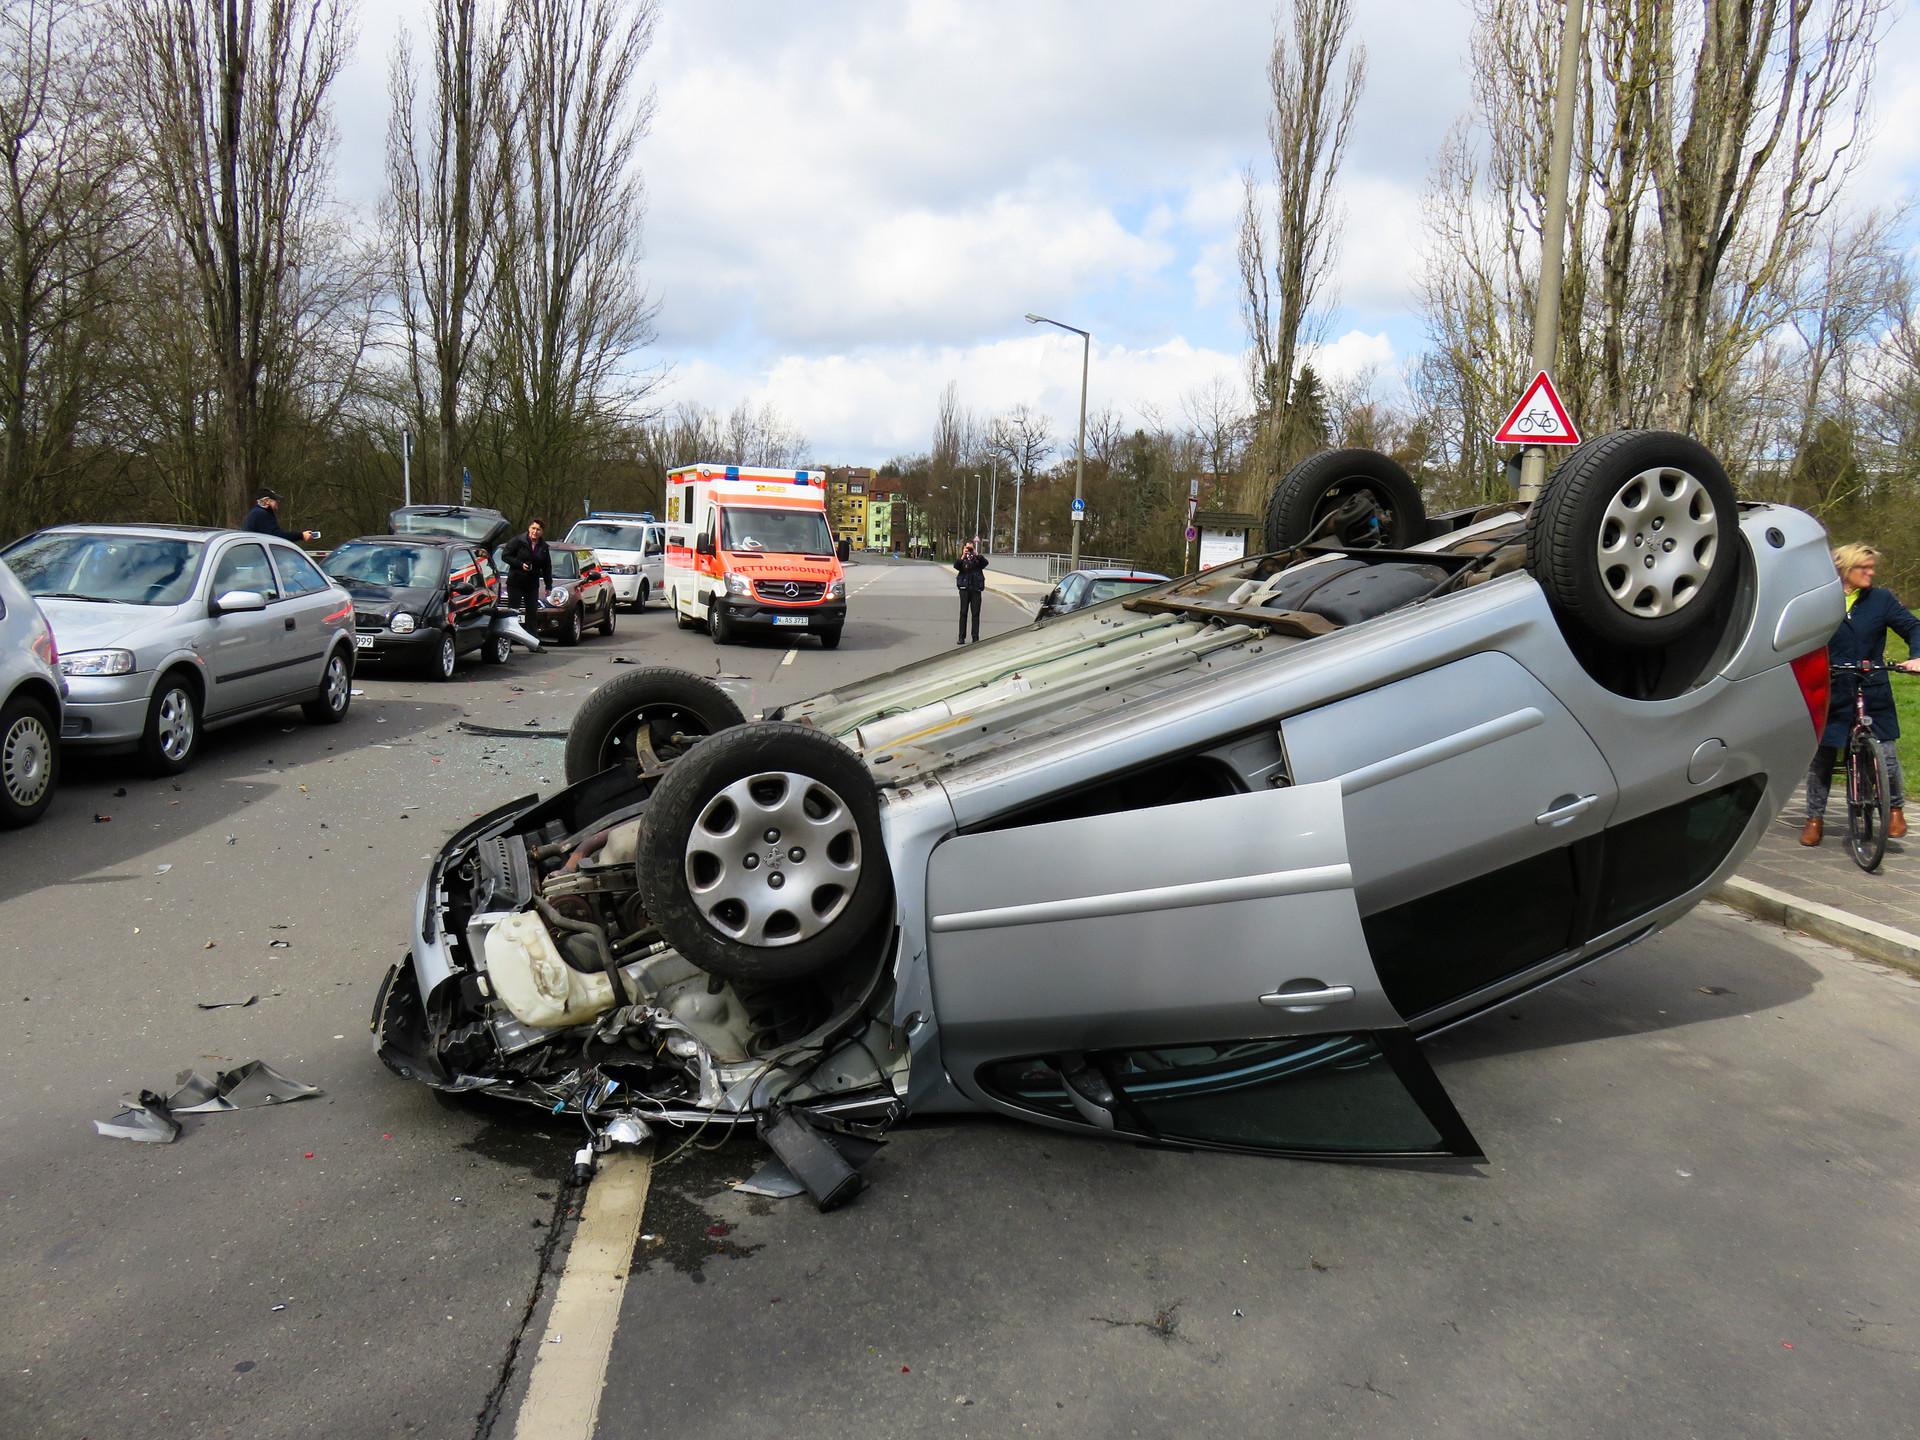 交通事故撞死人占主要责任方怎么处罚